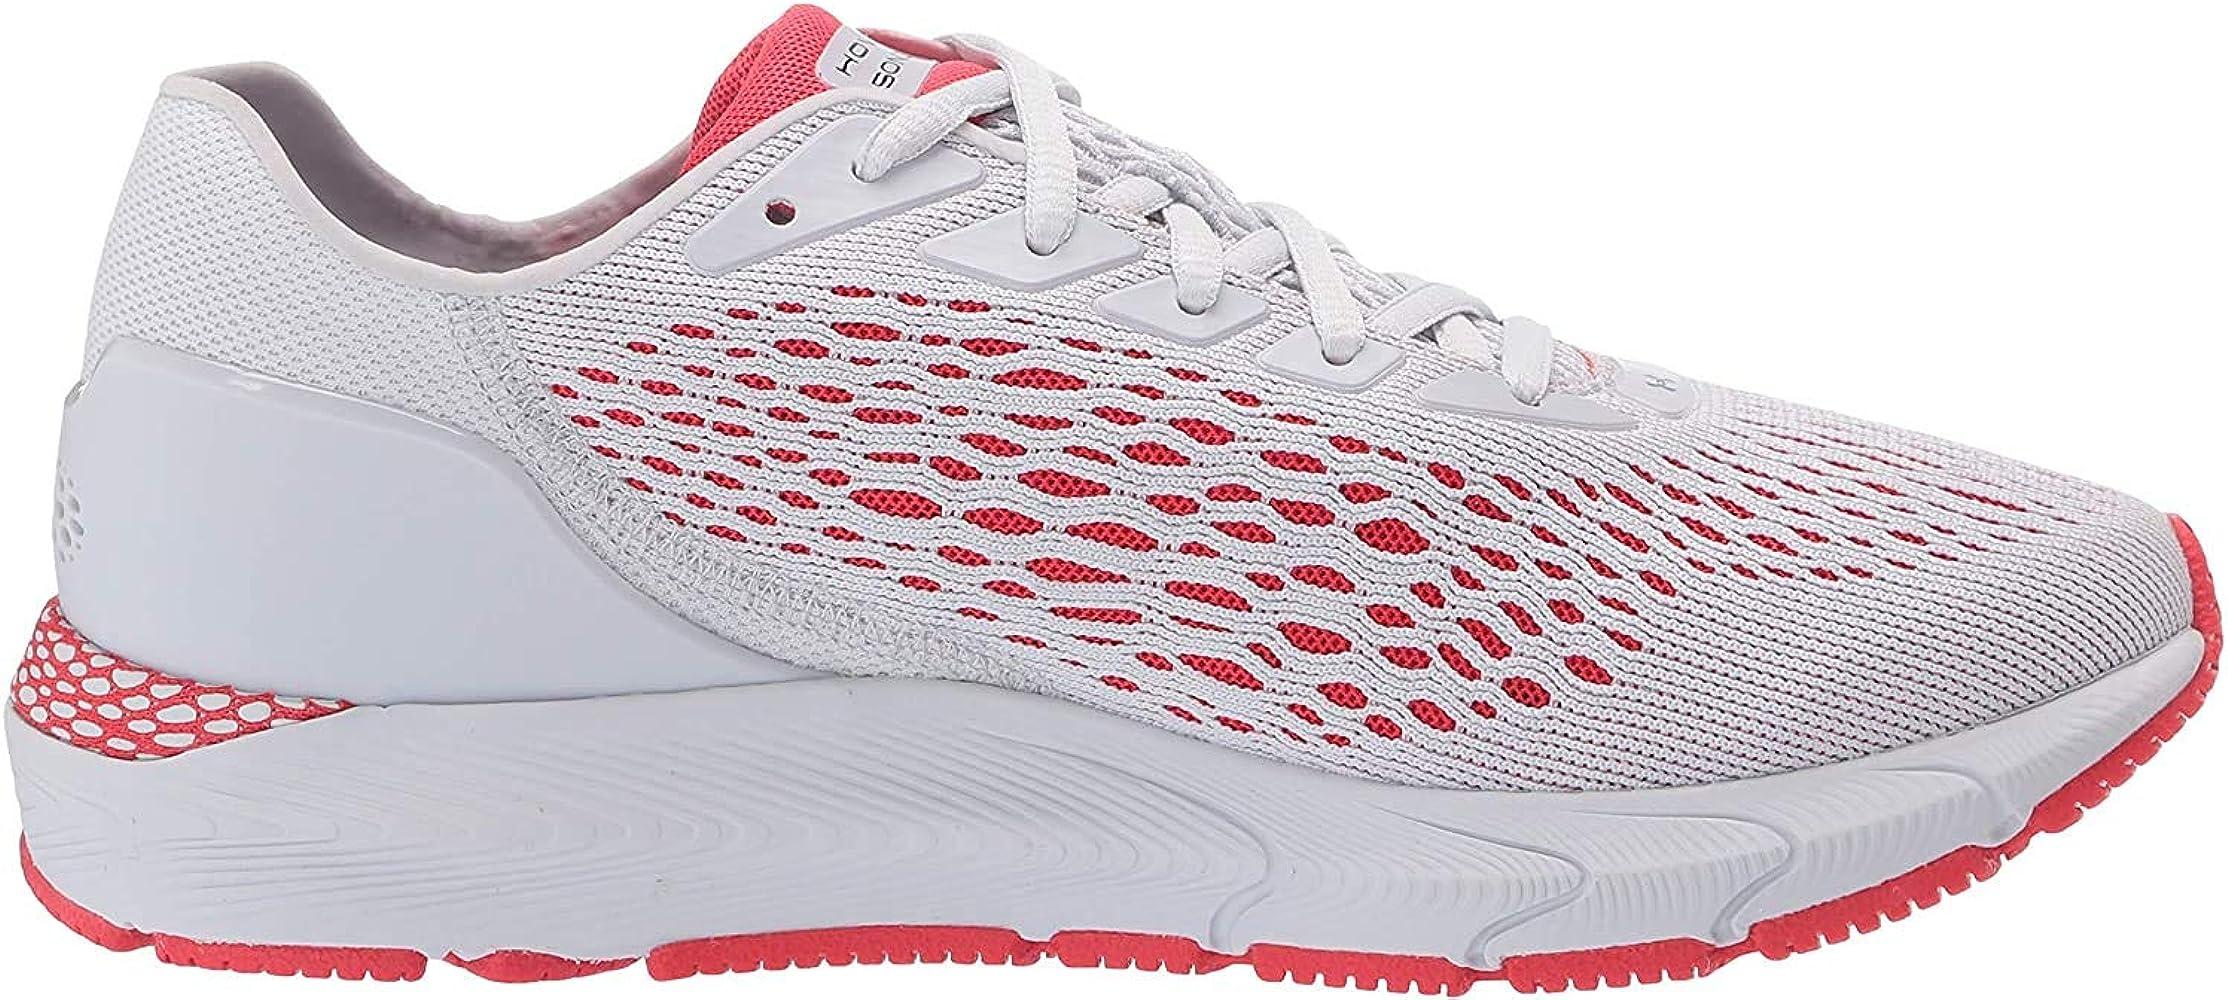 Under Armour HOVR Sonic 3 - Zapatillas de Running para Hombre, Color Azul, Talla 44 EU: Amazon.es: Zapatos y complementos